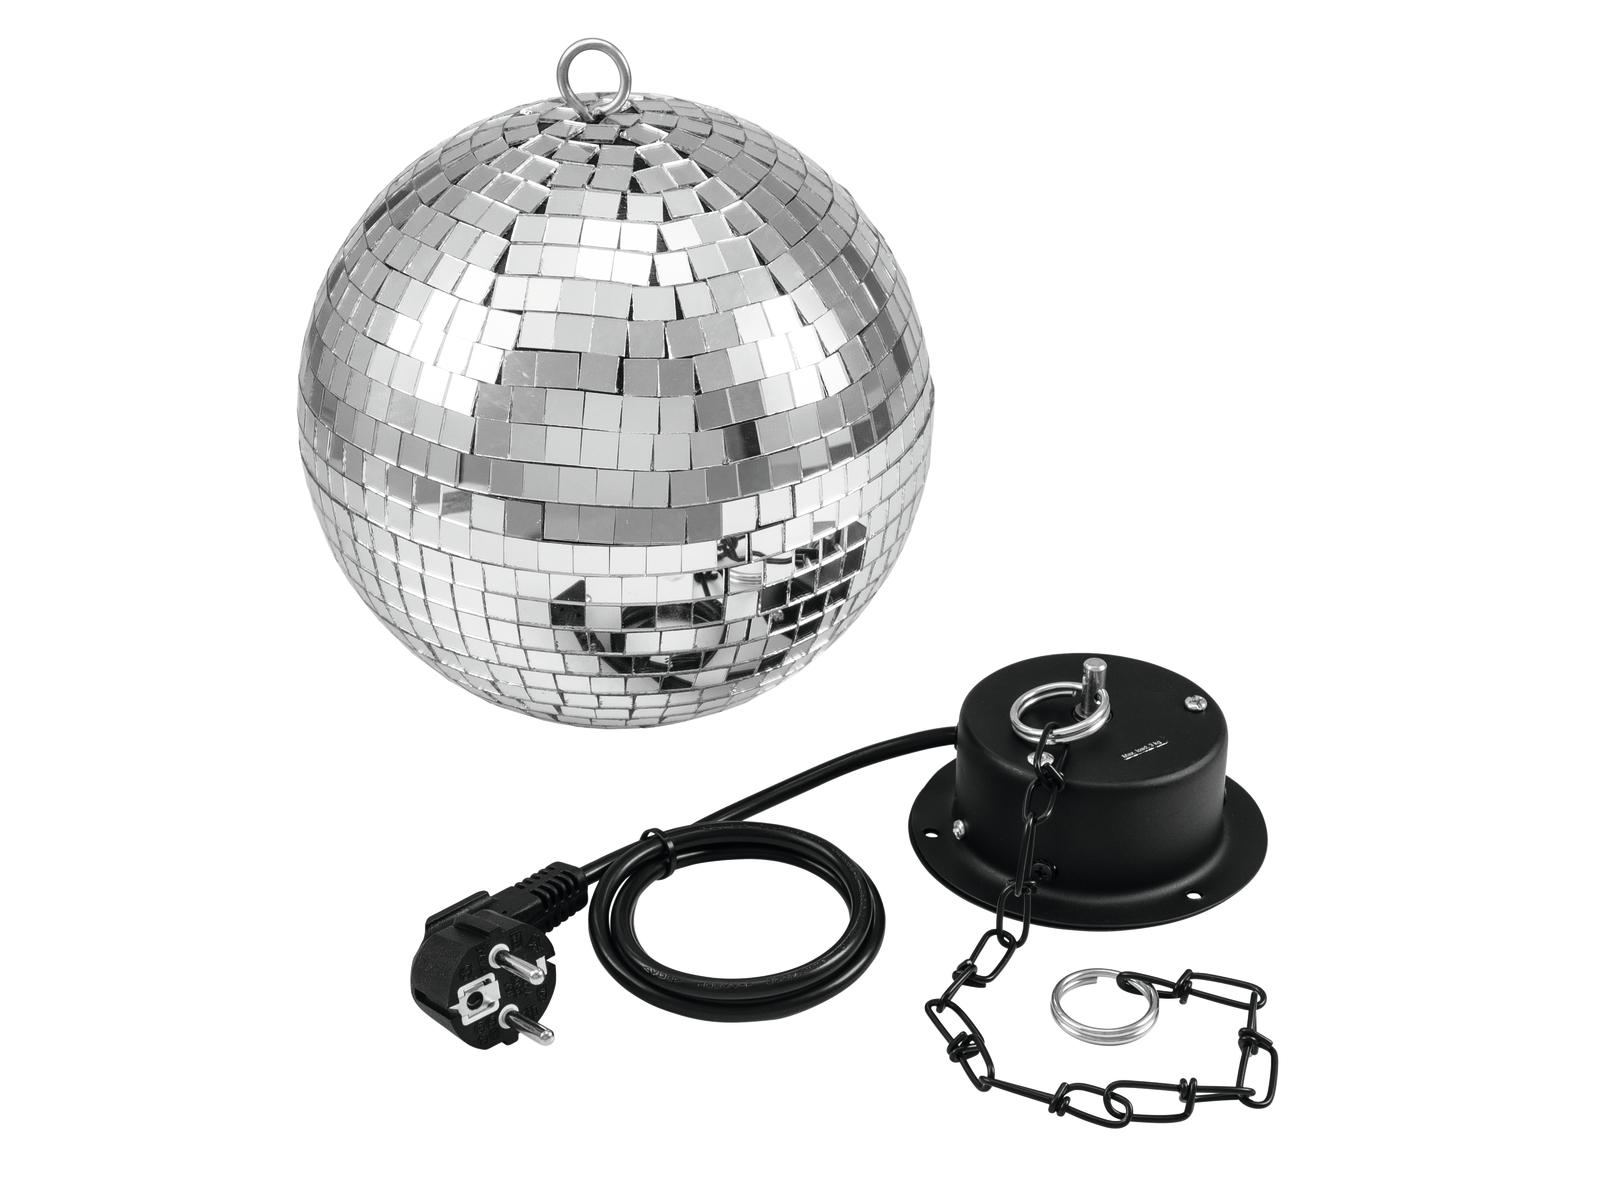 Zrcadlová koule 20cm SET, včetně motorku